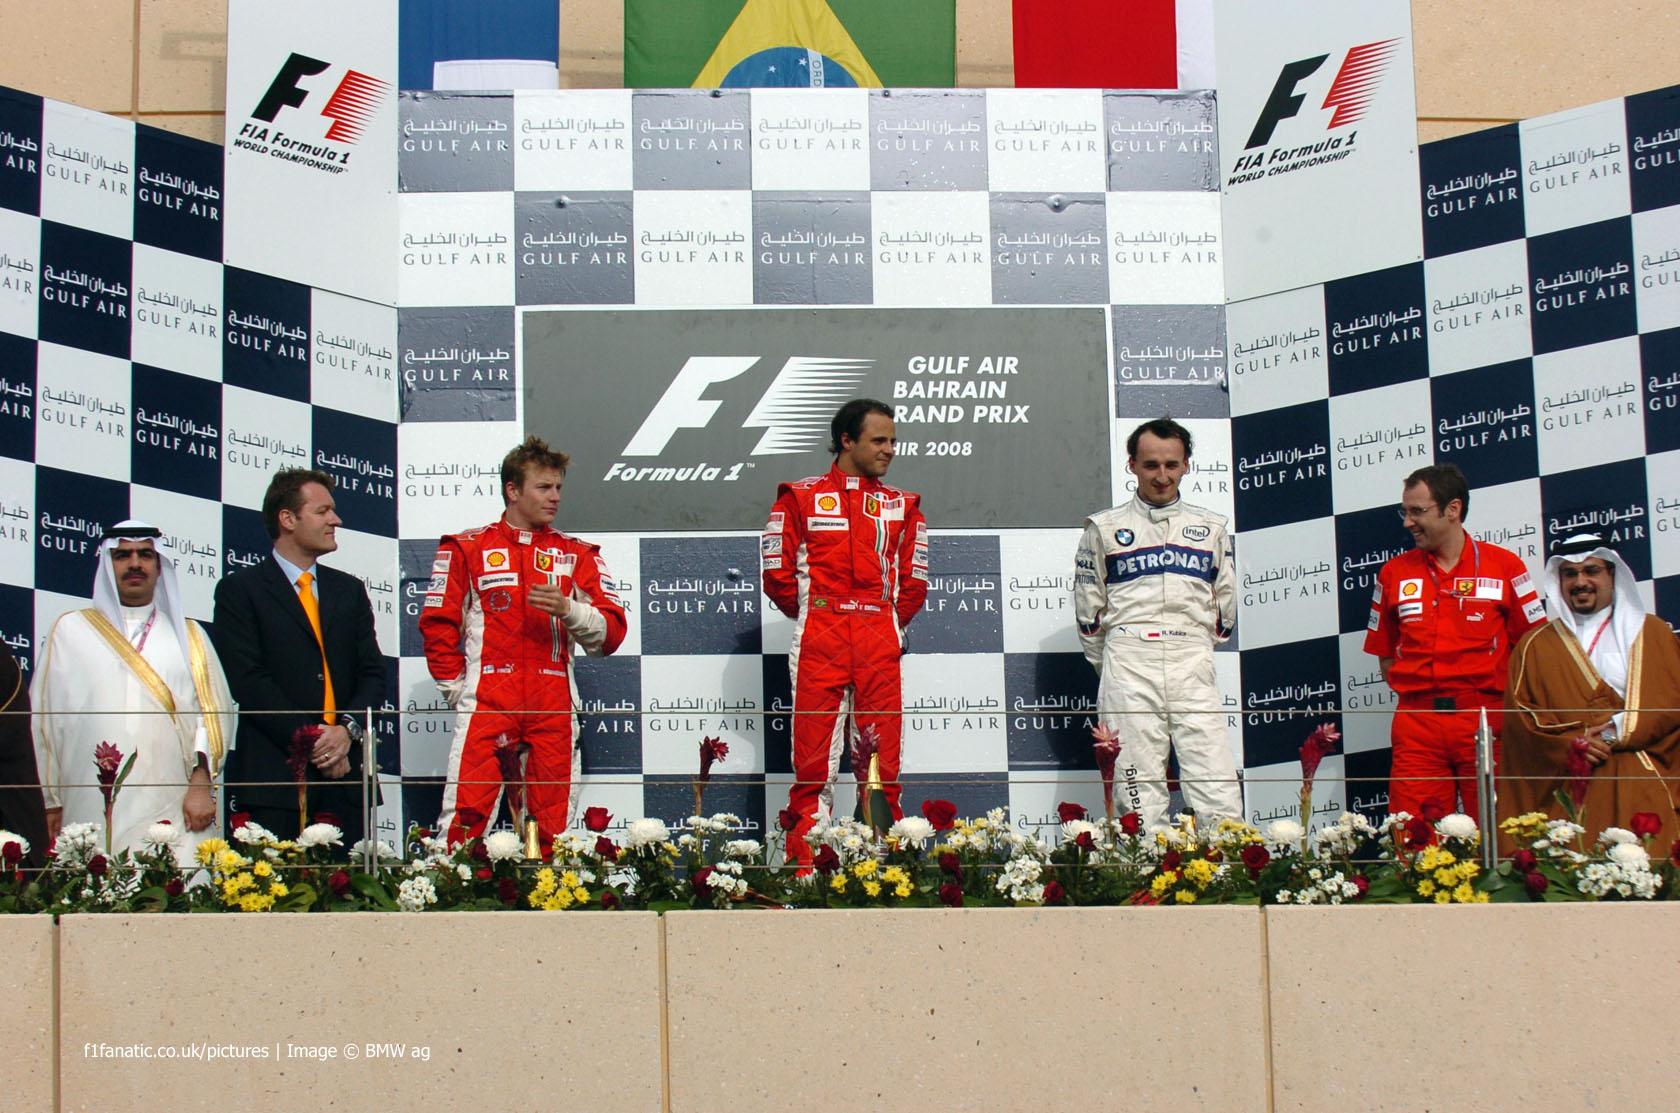 Kimi Raikkonen, Felipe Massa, Robert Kubica, Bahrain, 2008